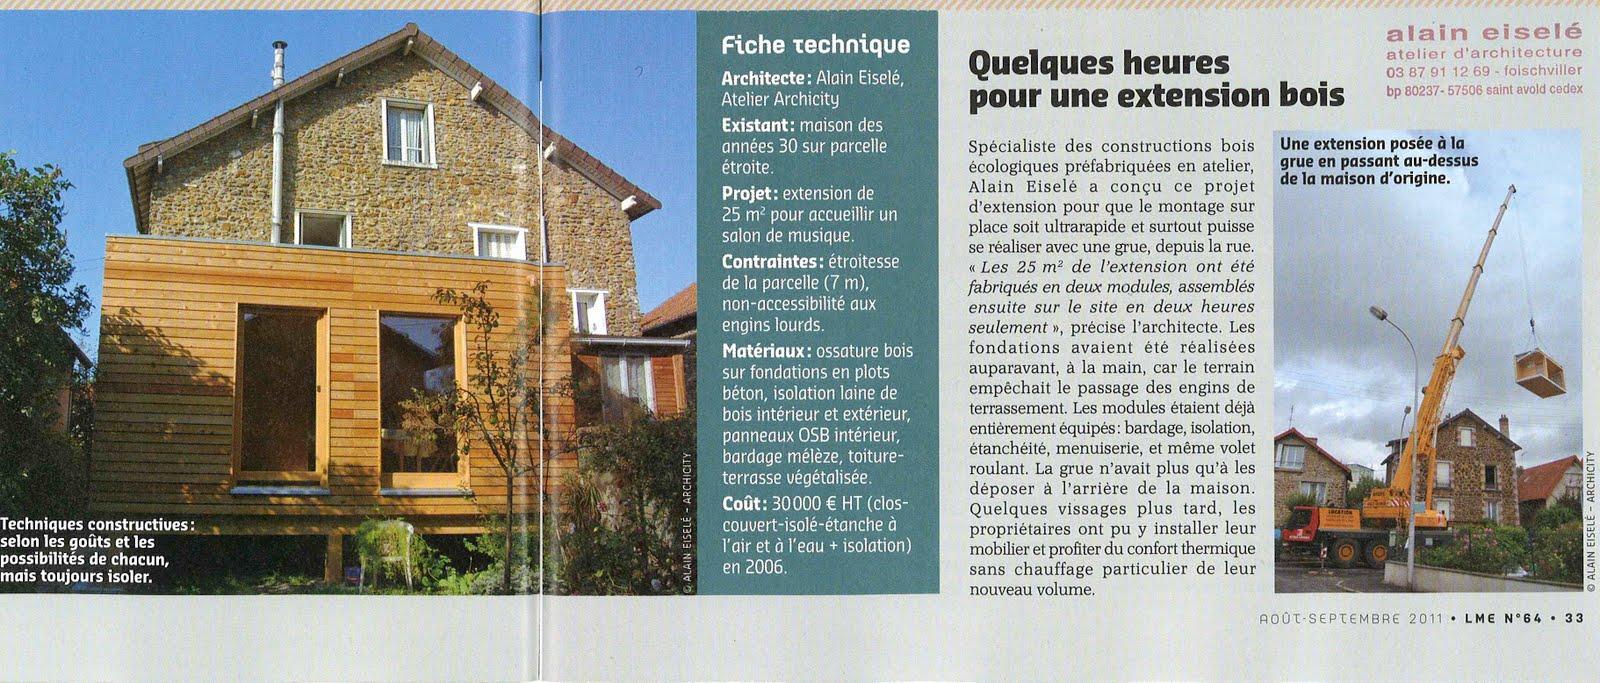 Archicity actualit s et v nements agrandir sa maison for Acheter une maison en region parisienne